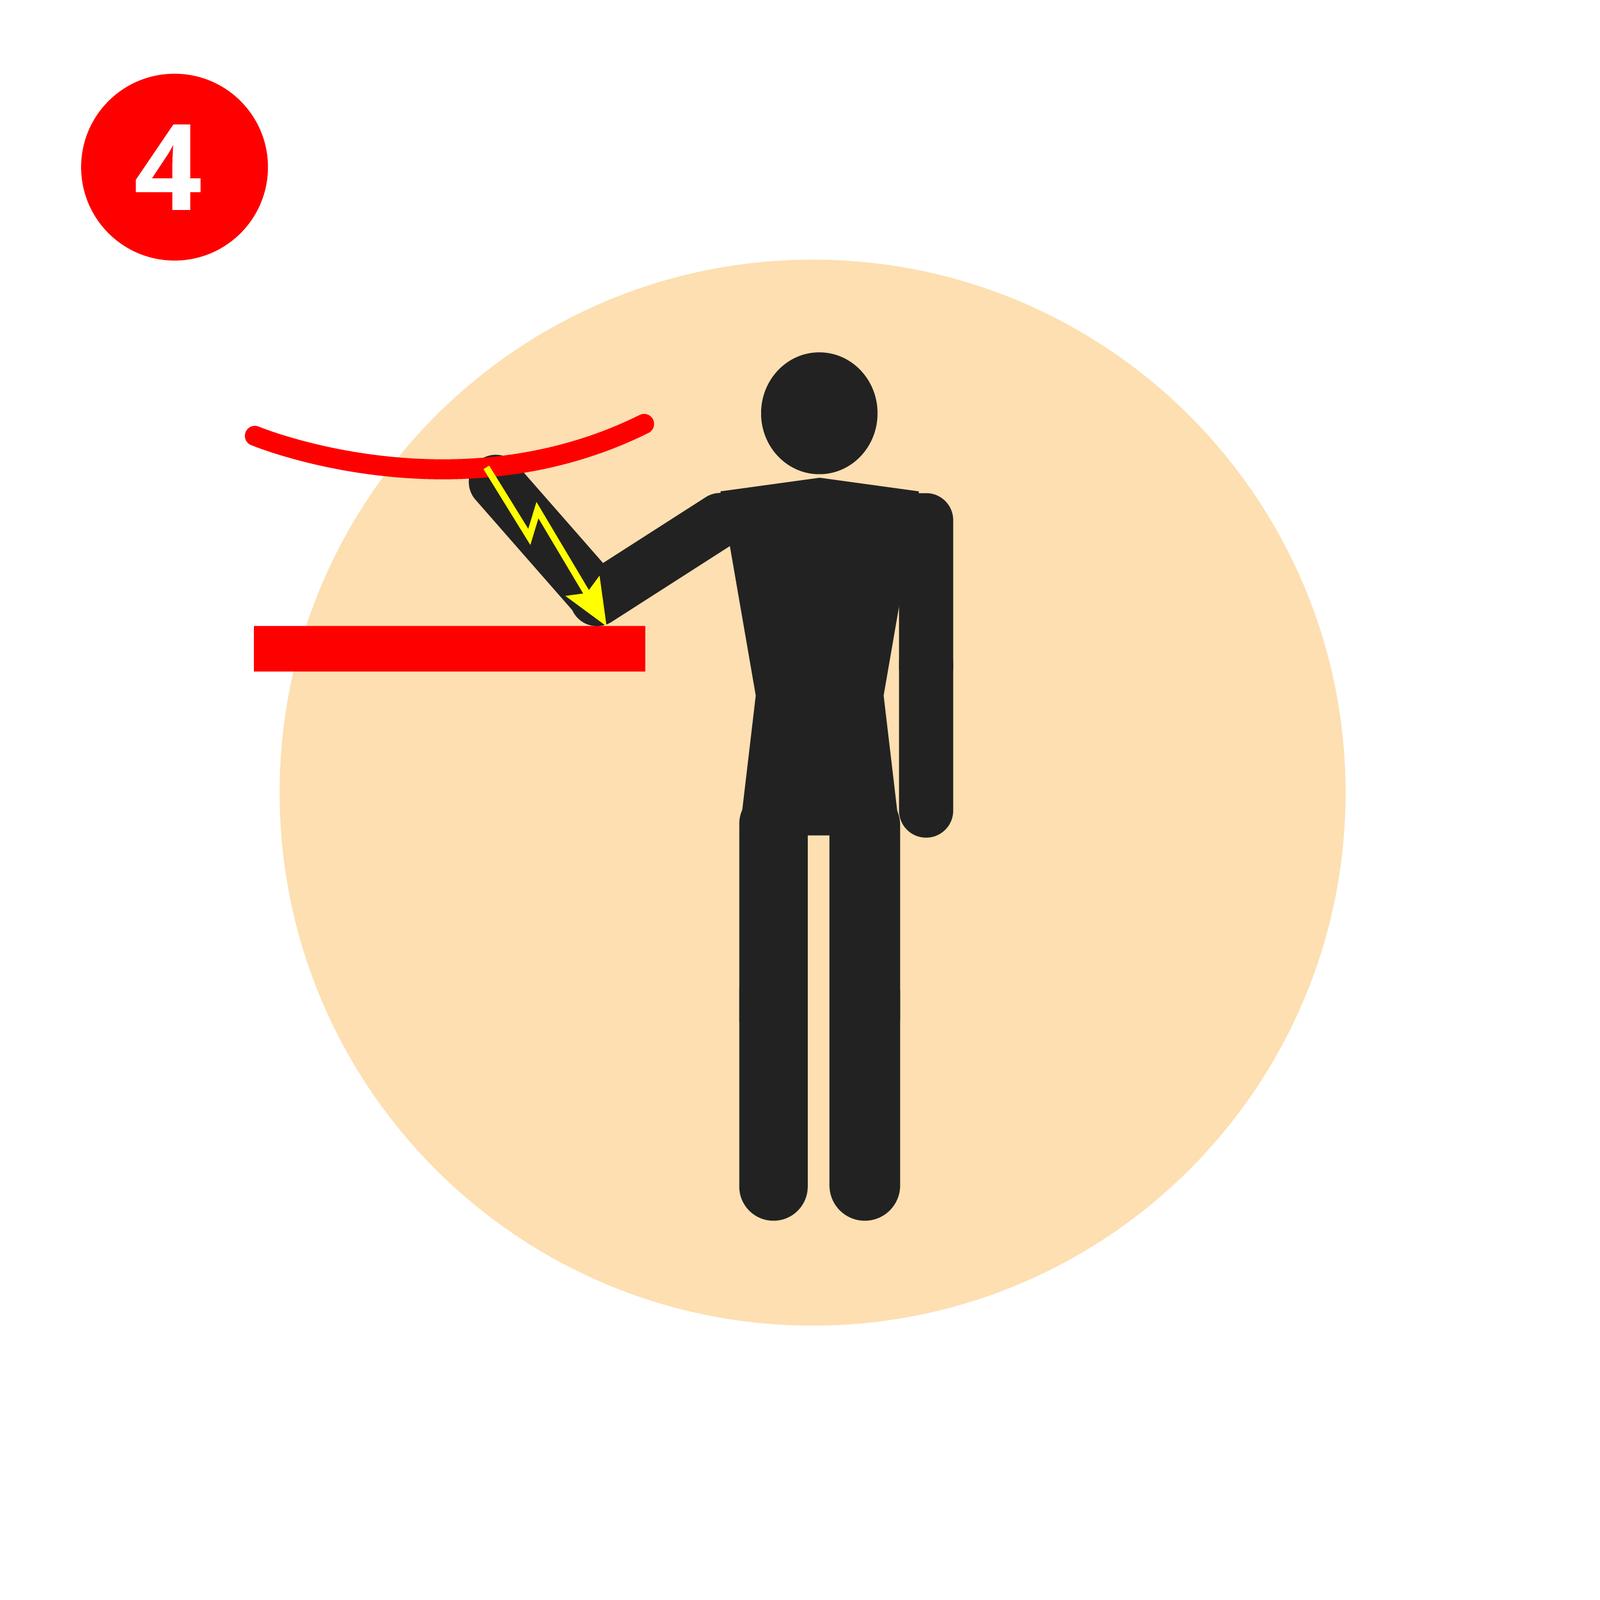 Ilustracja 4 przedstawia człowieka stojącego przodem do odbiorcy. Postać wspiera się łokciem oczerwoną półkę, która jest zawieszona po lewej stronie na wysokości pasa. Wspomniana osoba dotyka dłonią przewodu elektrycznego wiszącego nad półką. Łuk przepływu prądu płynie od dłoni dotykającej przewód elektryczny do łokcia wspartego na półce. Łuk ma kształt żółtej strzałki skierowanej grotem wdół.